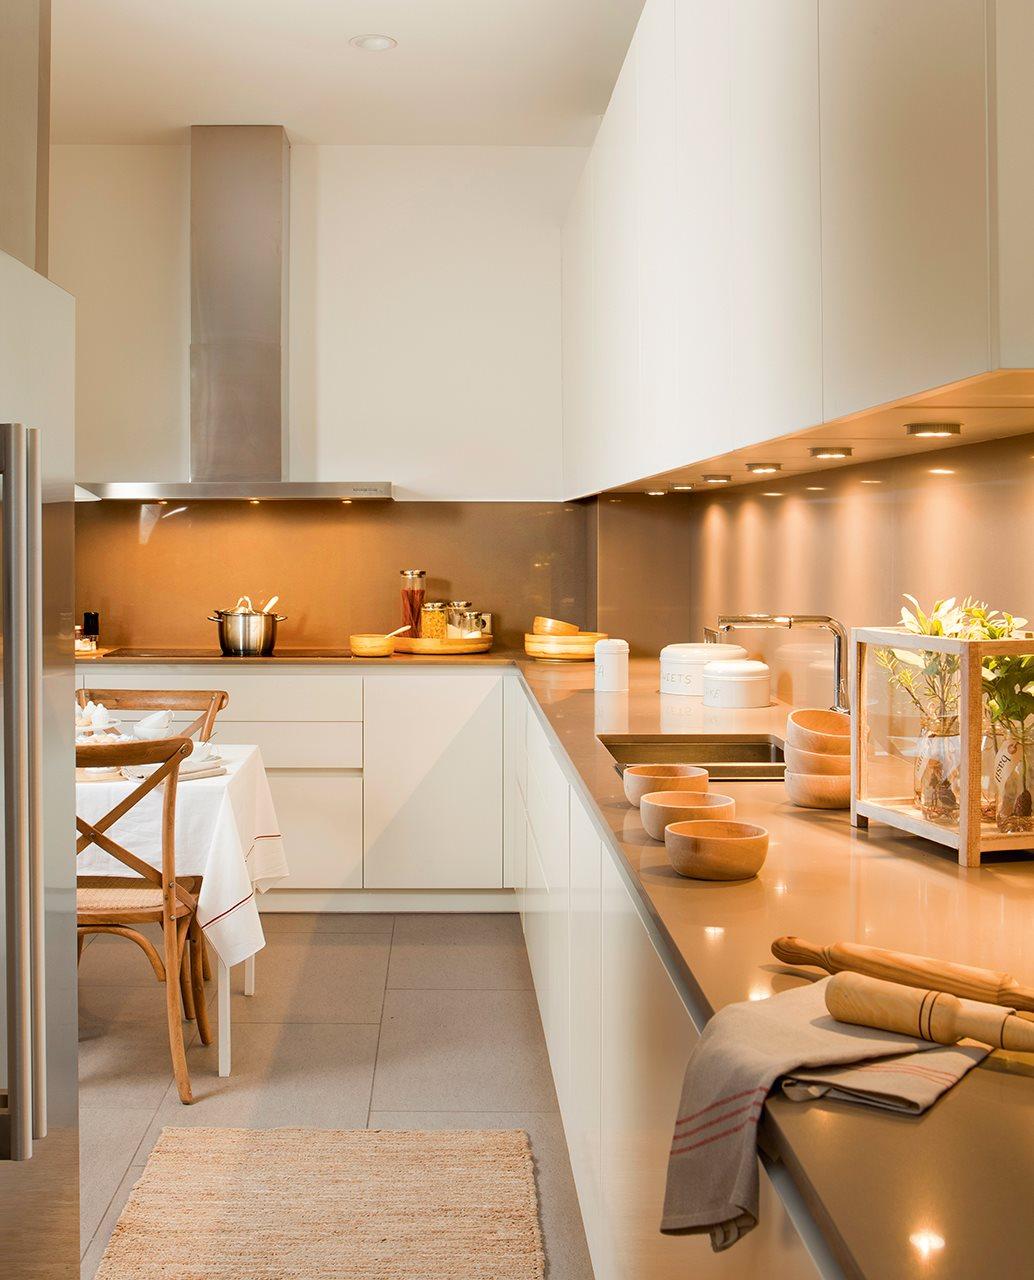 Qu luz le va a cada estancia acierta for Cocina inglesa de la cabana